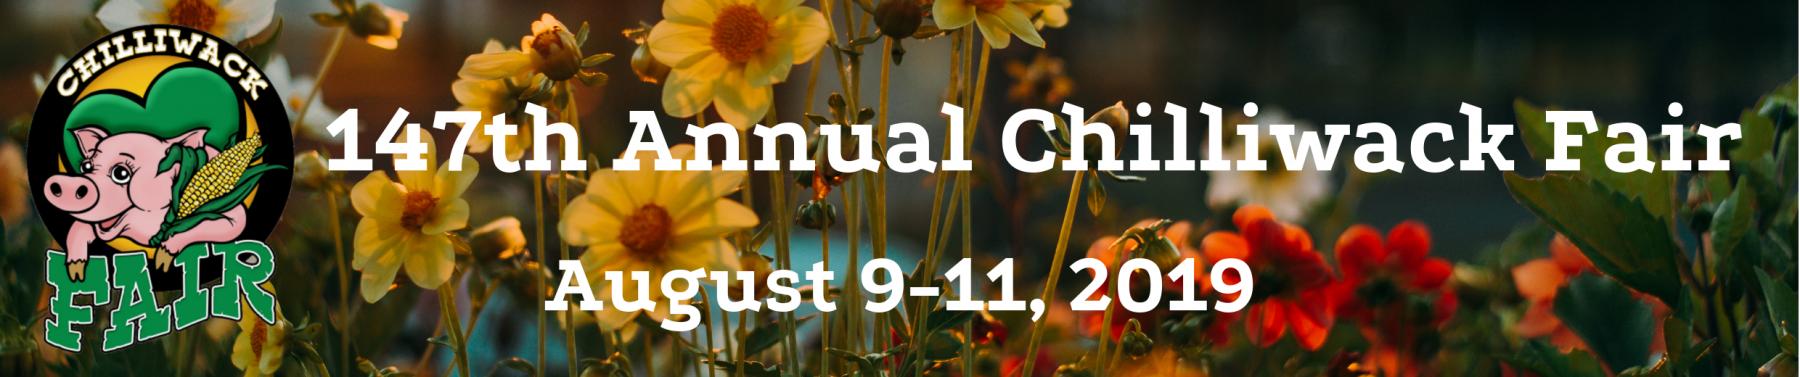 The 147th Annual Chilliwack Fair